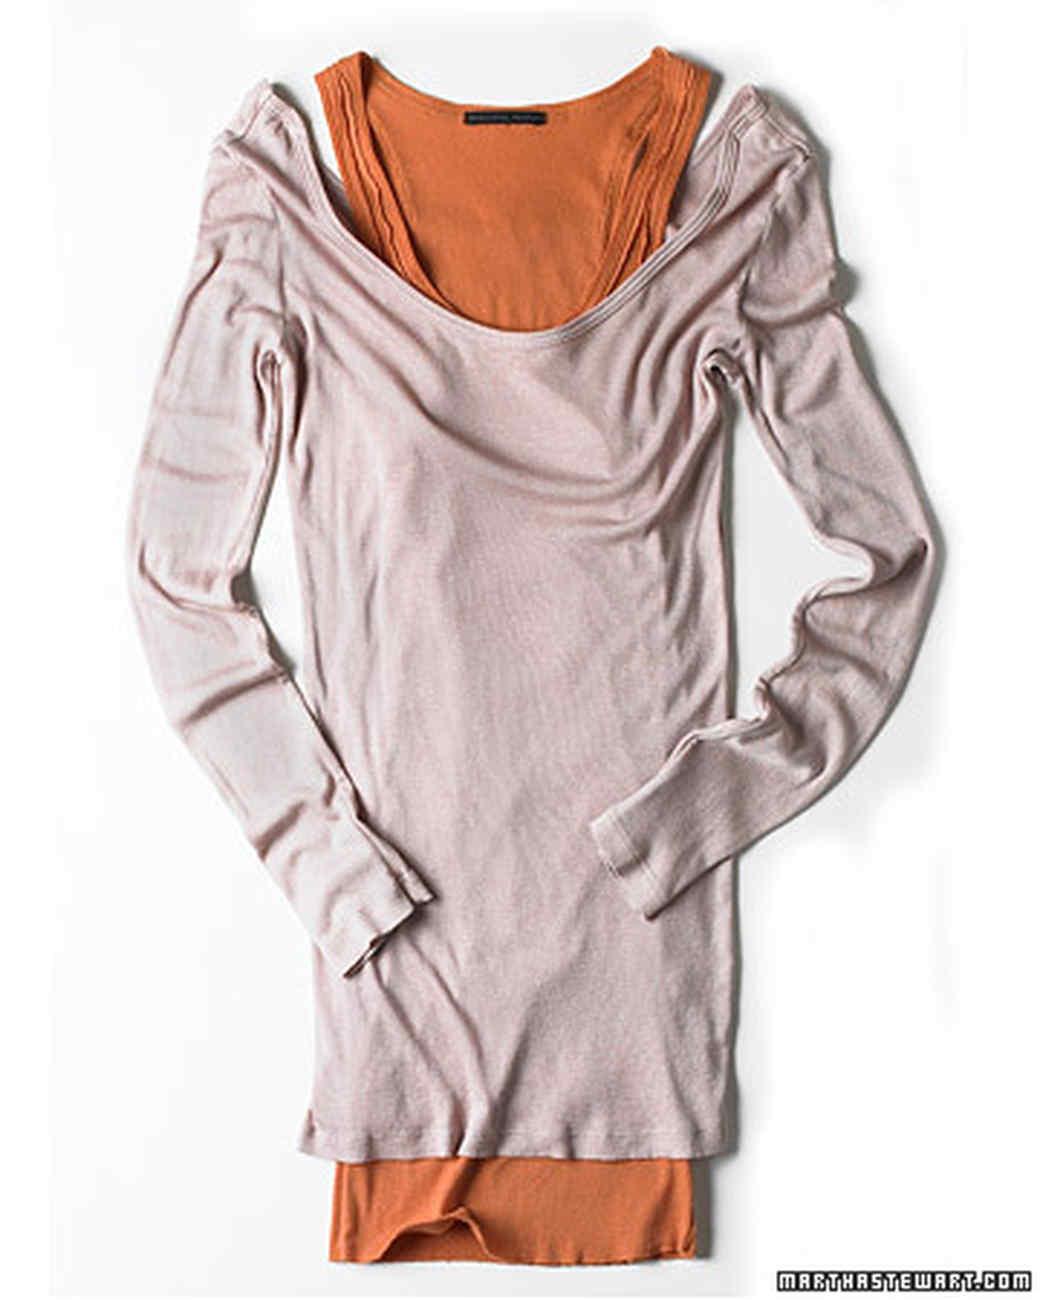 pd103242_0907_lbt_shirt.jpg